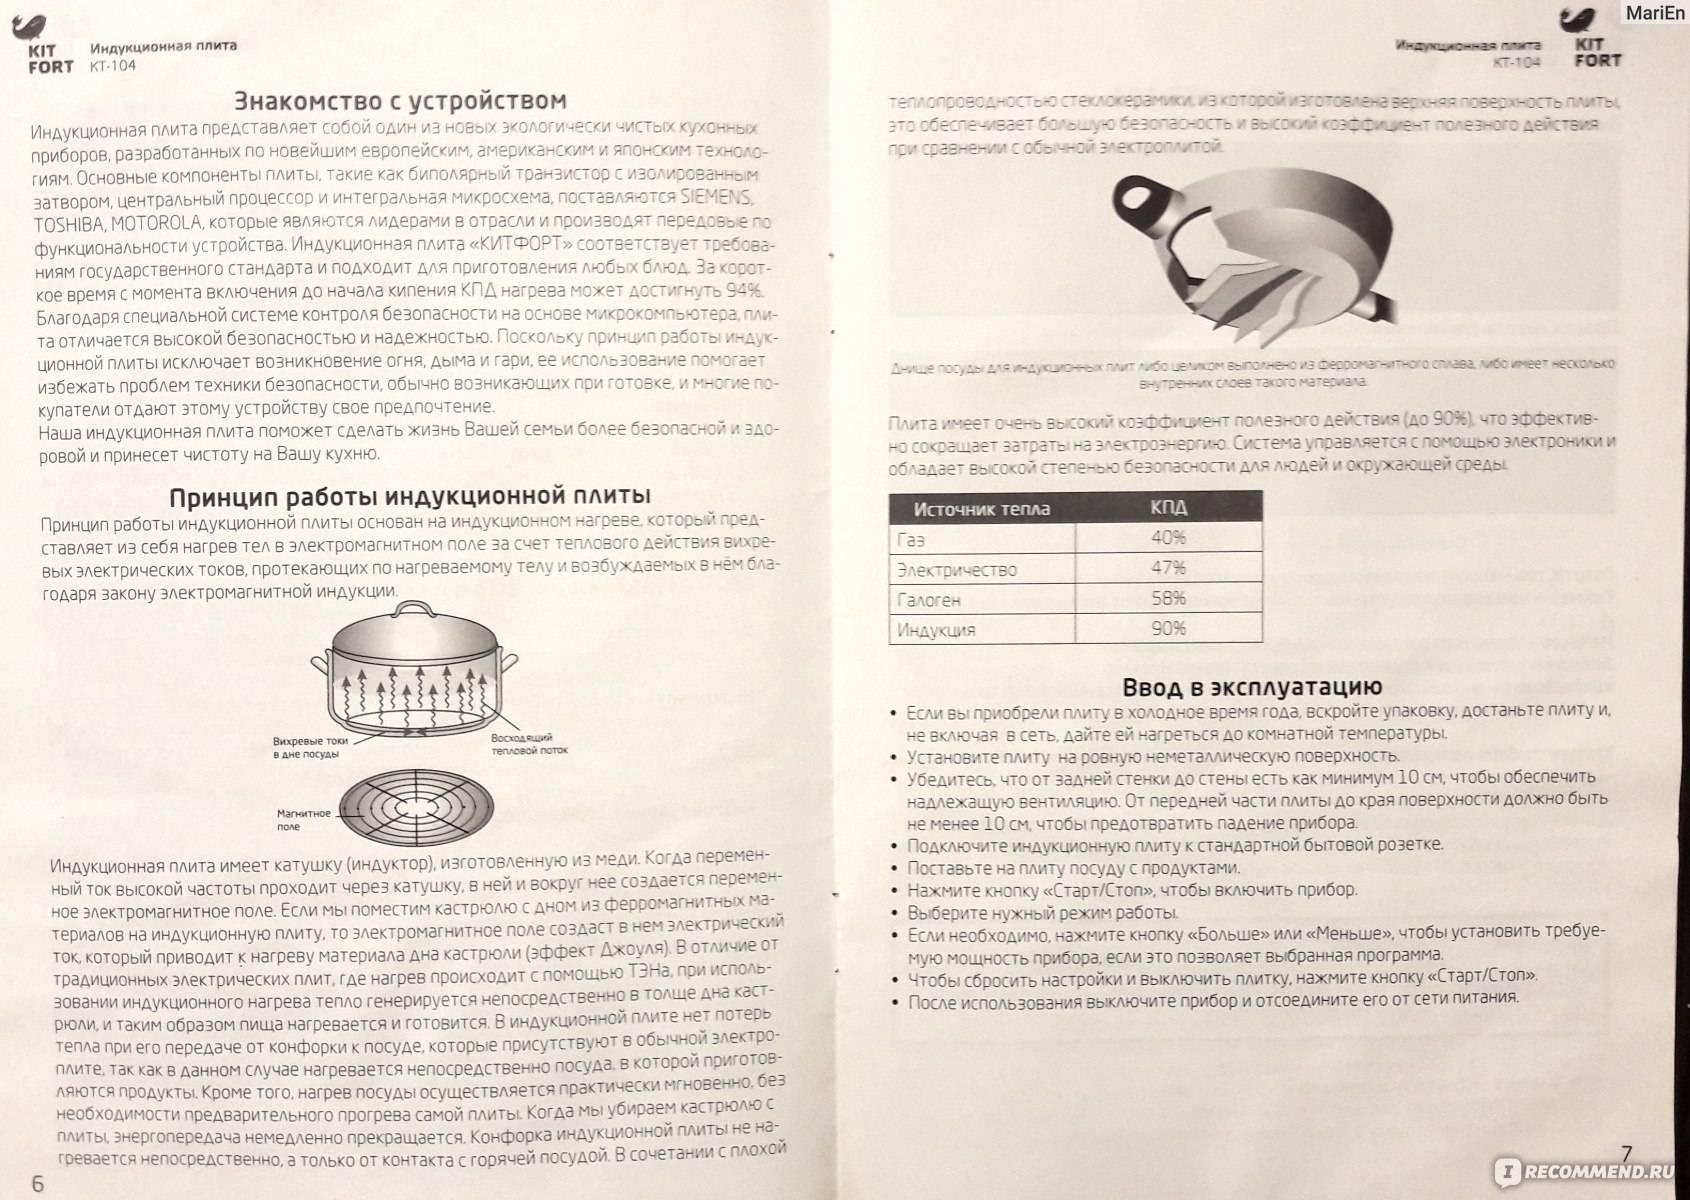 Гейзерная кофеварка для индукционной плиты: типы моделей для индукции из чехии, отзывы